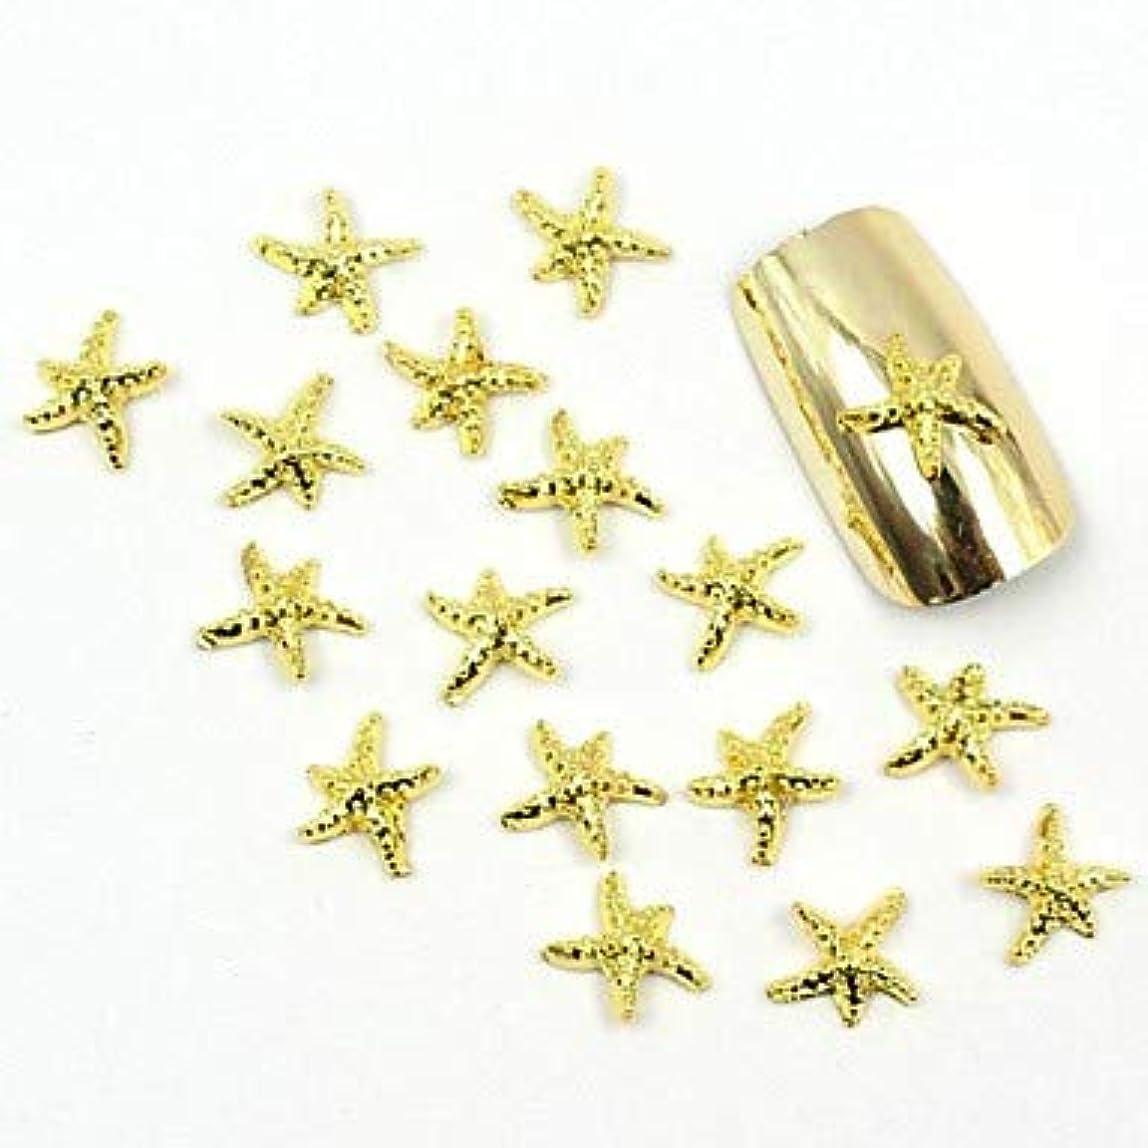 売り手夫花火偽アクリル型ネイルアートの装飾のための100個の3Dゴールドネイルジュエリーメタルスター